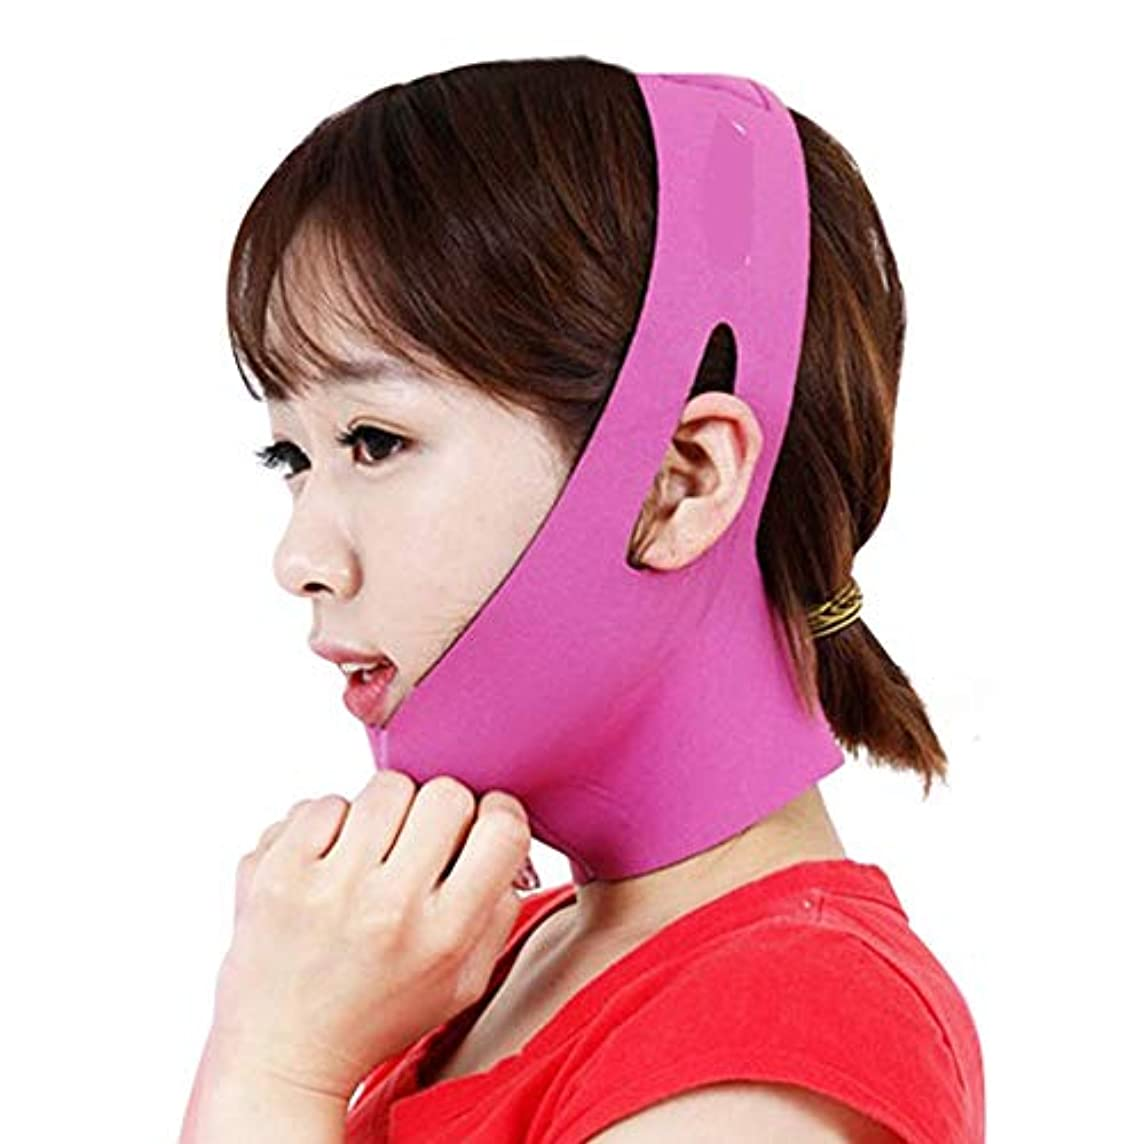 加入役職白菜Jia Jia- フェイシャルリフティング痩身ベルト圧縮二重あご減量ベルトスキンケア薄い顔包帯二重あごワークアウト 顔面包帯 (色 : ピンク)